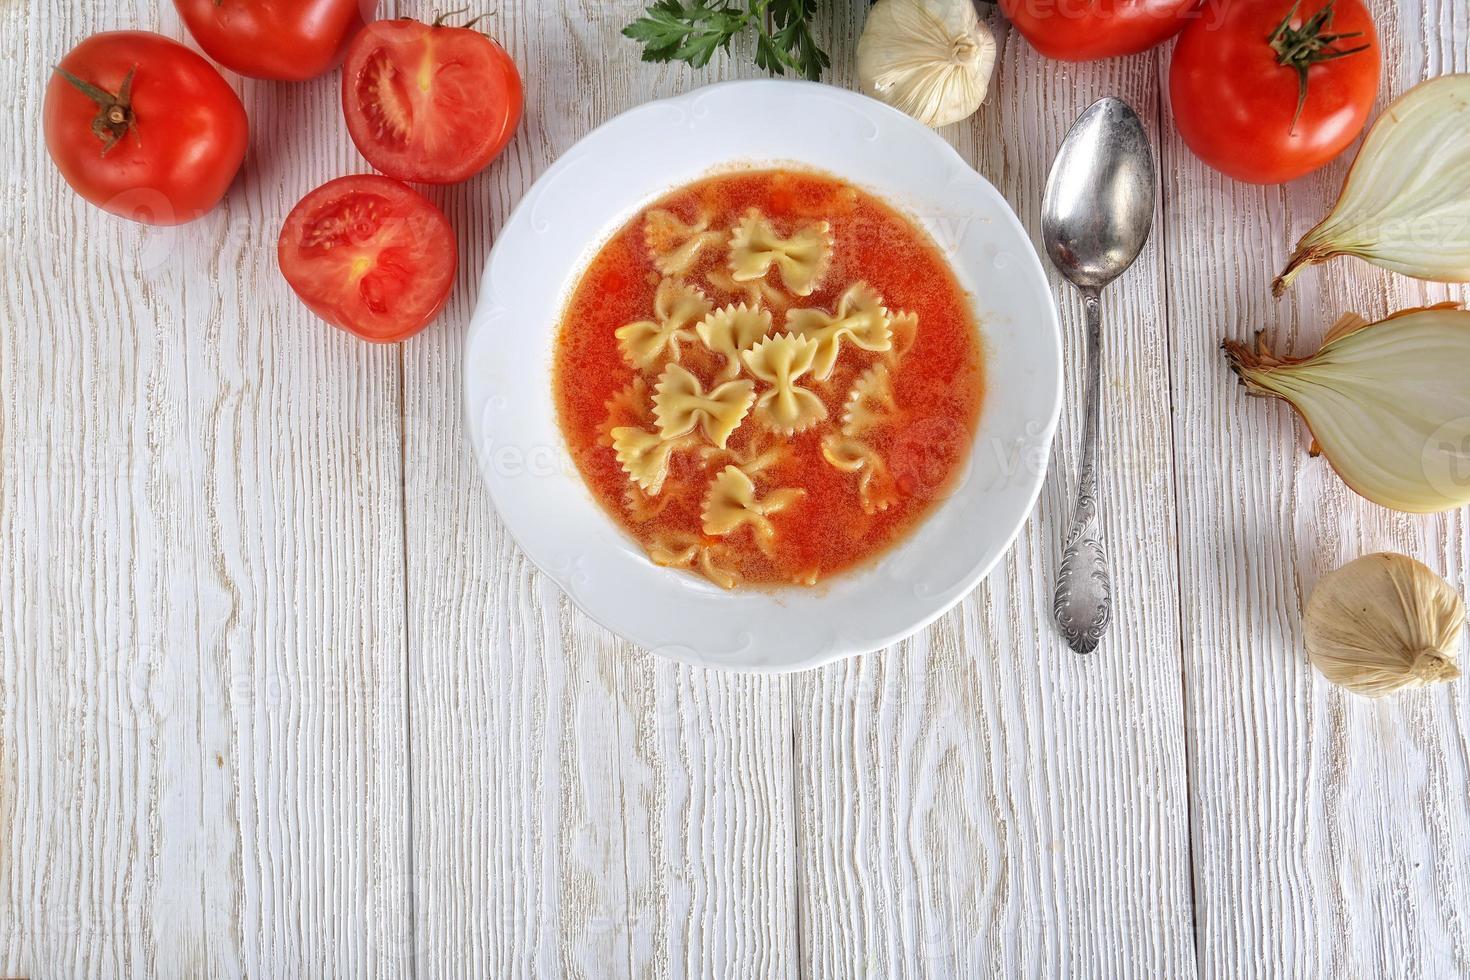 tomatensoep met verse tomaten foto